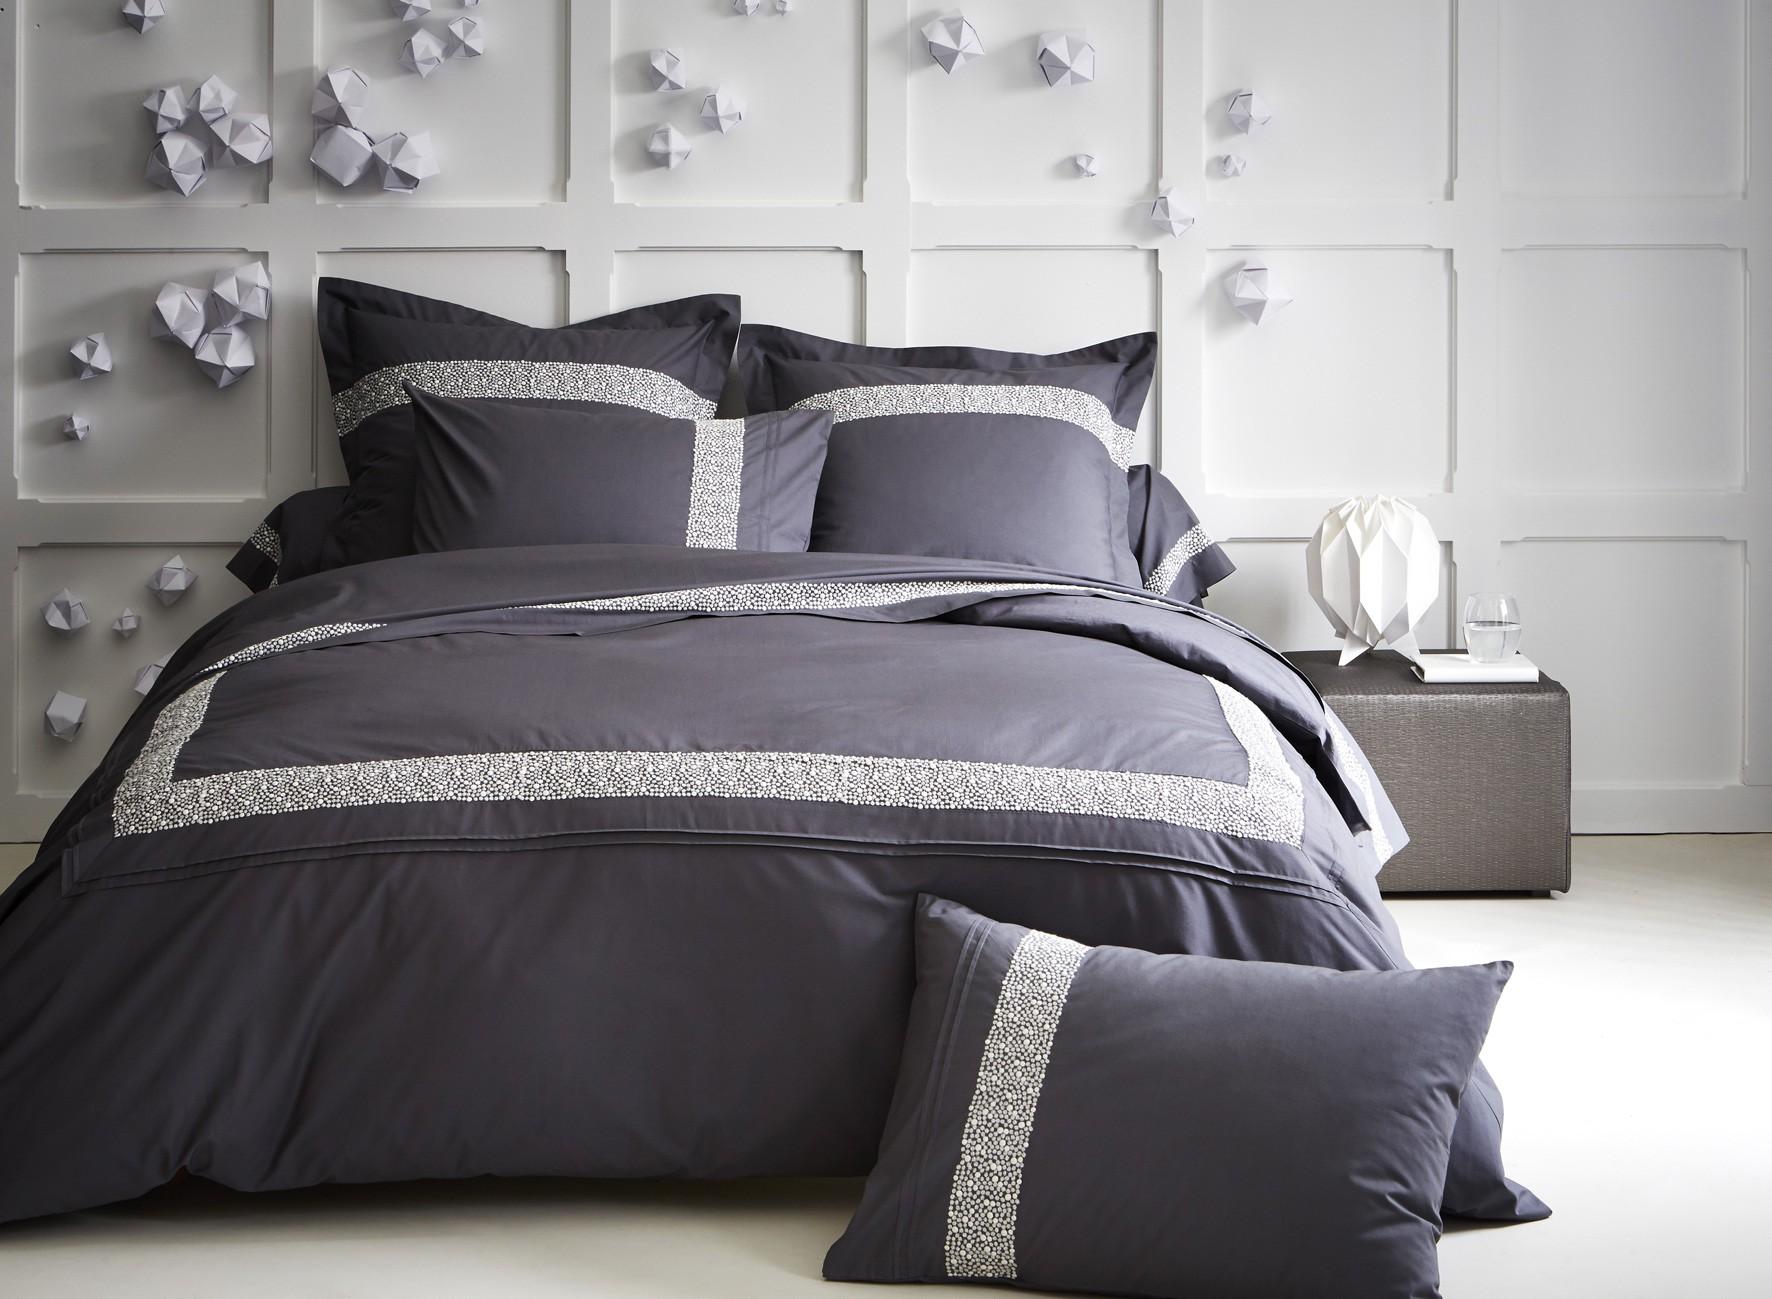 housse de couette roches taille 240x220cm 260x240cm. Black Bedroom Furniture Sets. Home Design Ideas